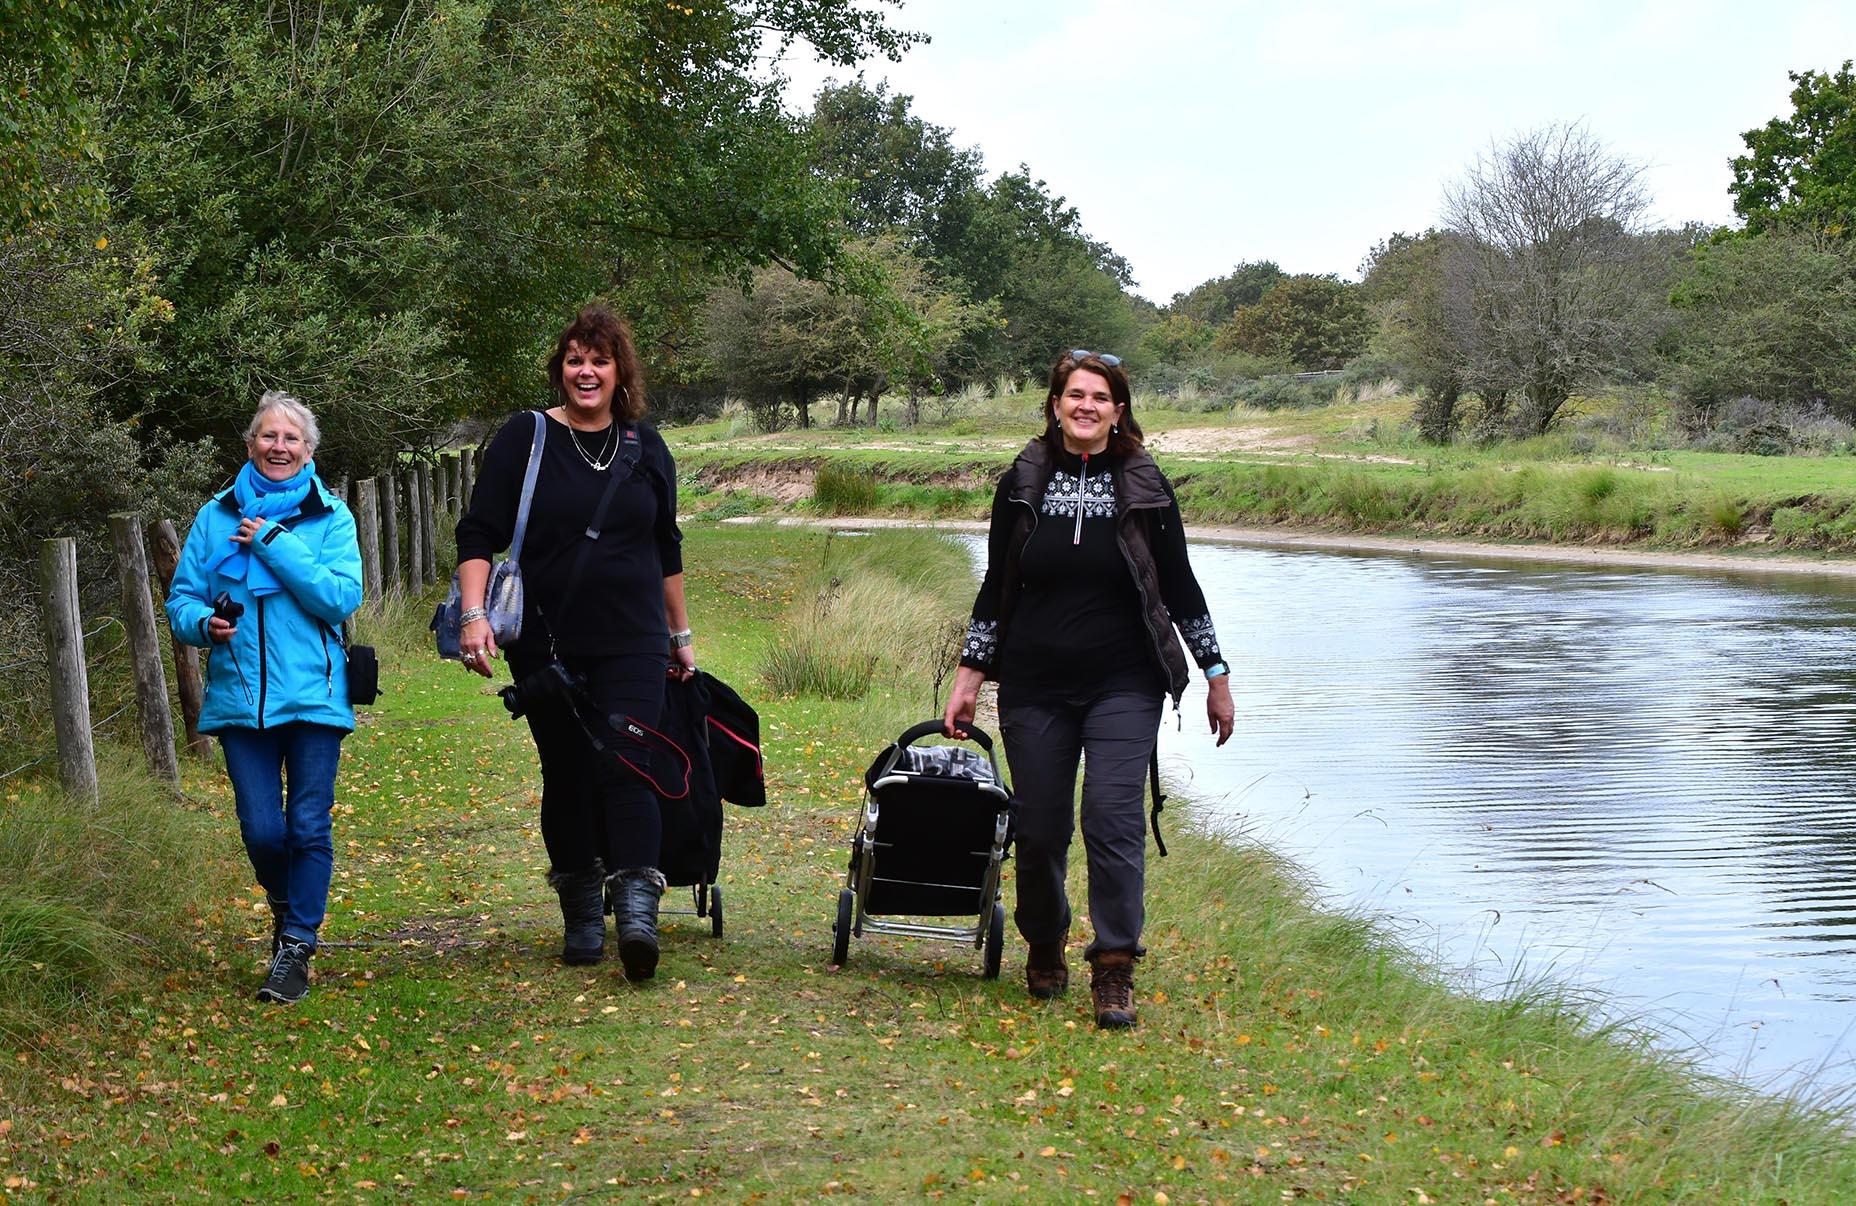 Fransien, Ingrid en Nel, ze hebben er allemaal ontzettend veel plezier in - Foto: ©Louis Fraanje